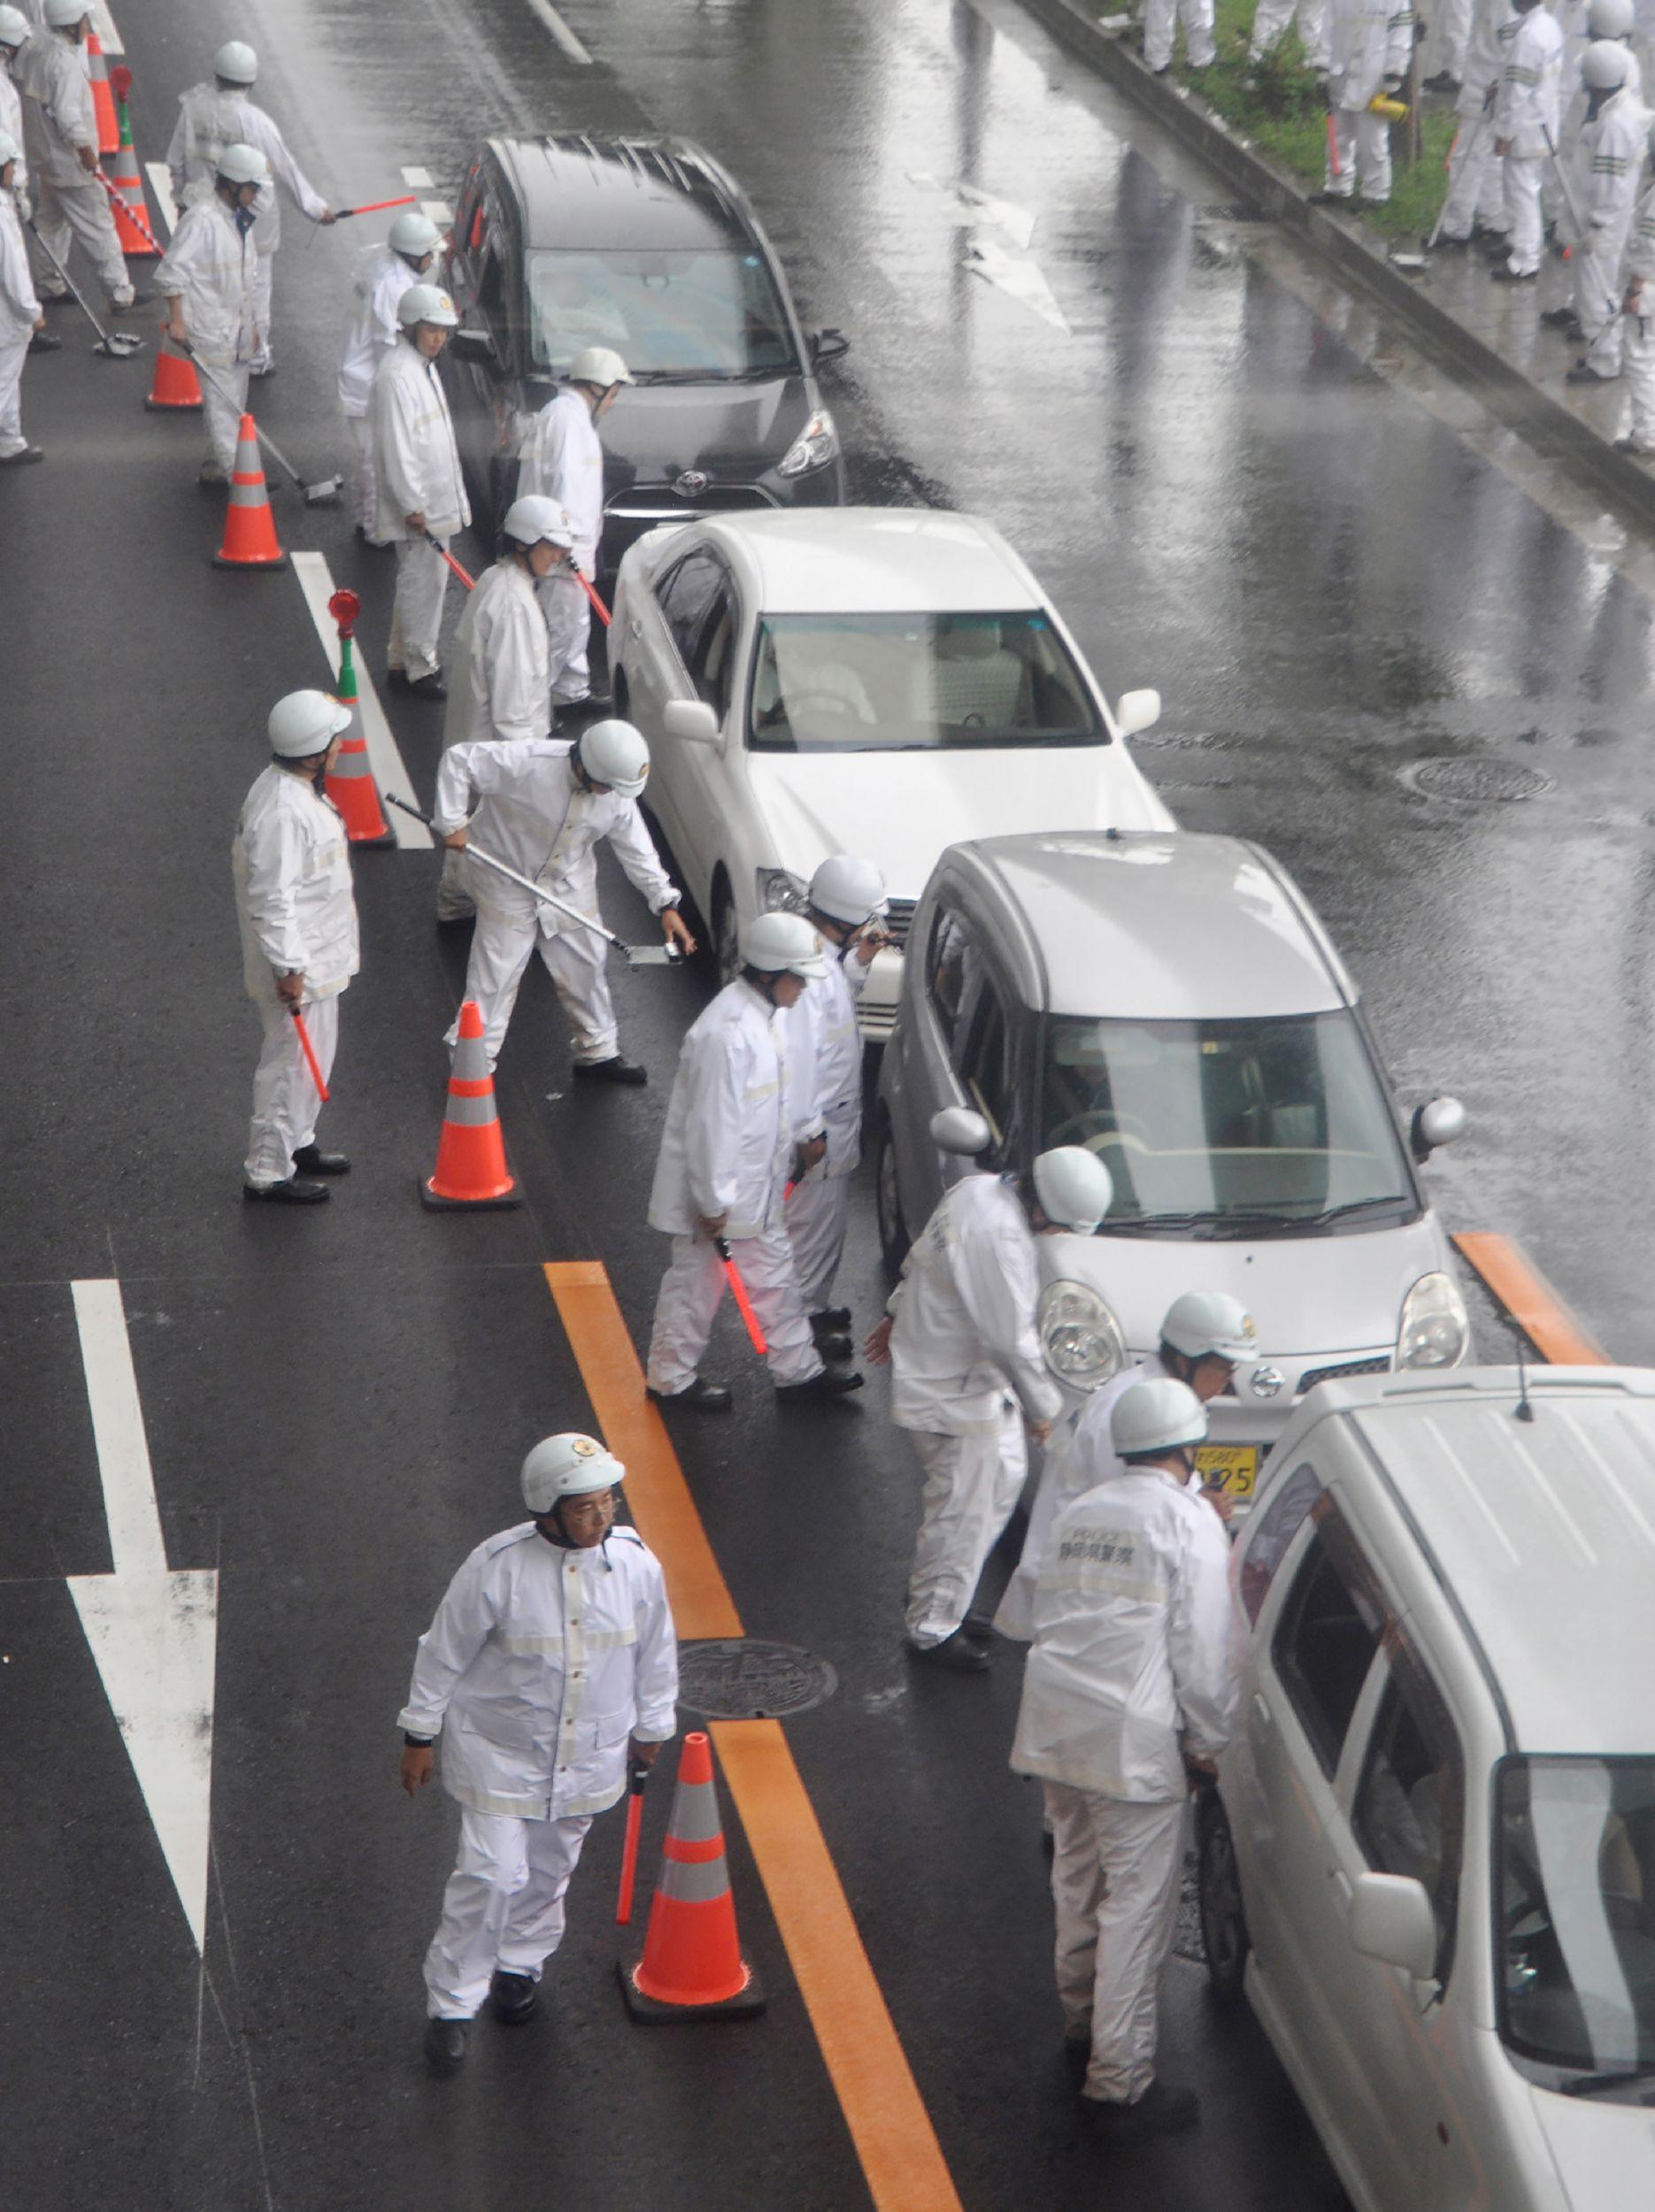 27일 오사카 시내 정상회담장으로 향하는 한 도로에서 경찰들이 통행하는 차량들을 검문하고 있다. [AFP=연합뉴스]